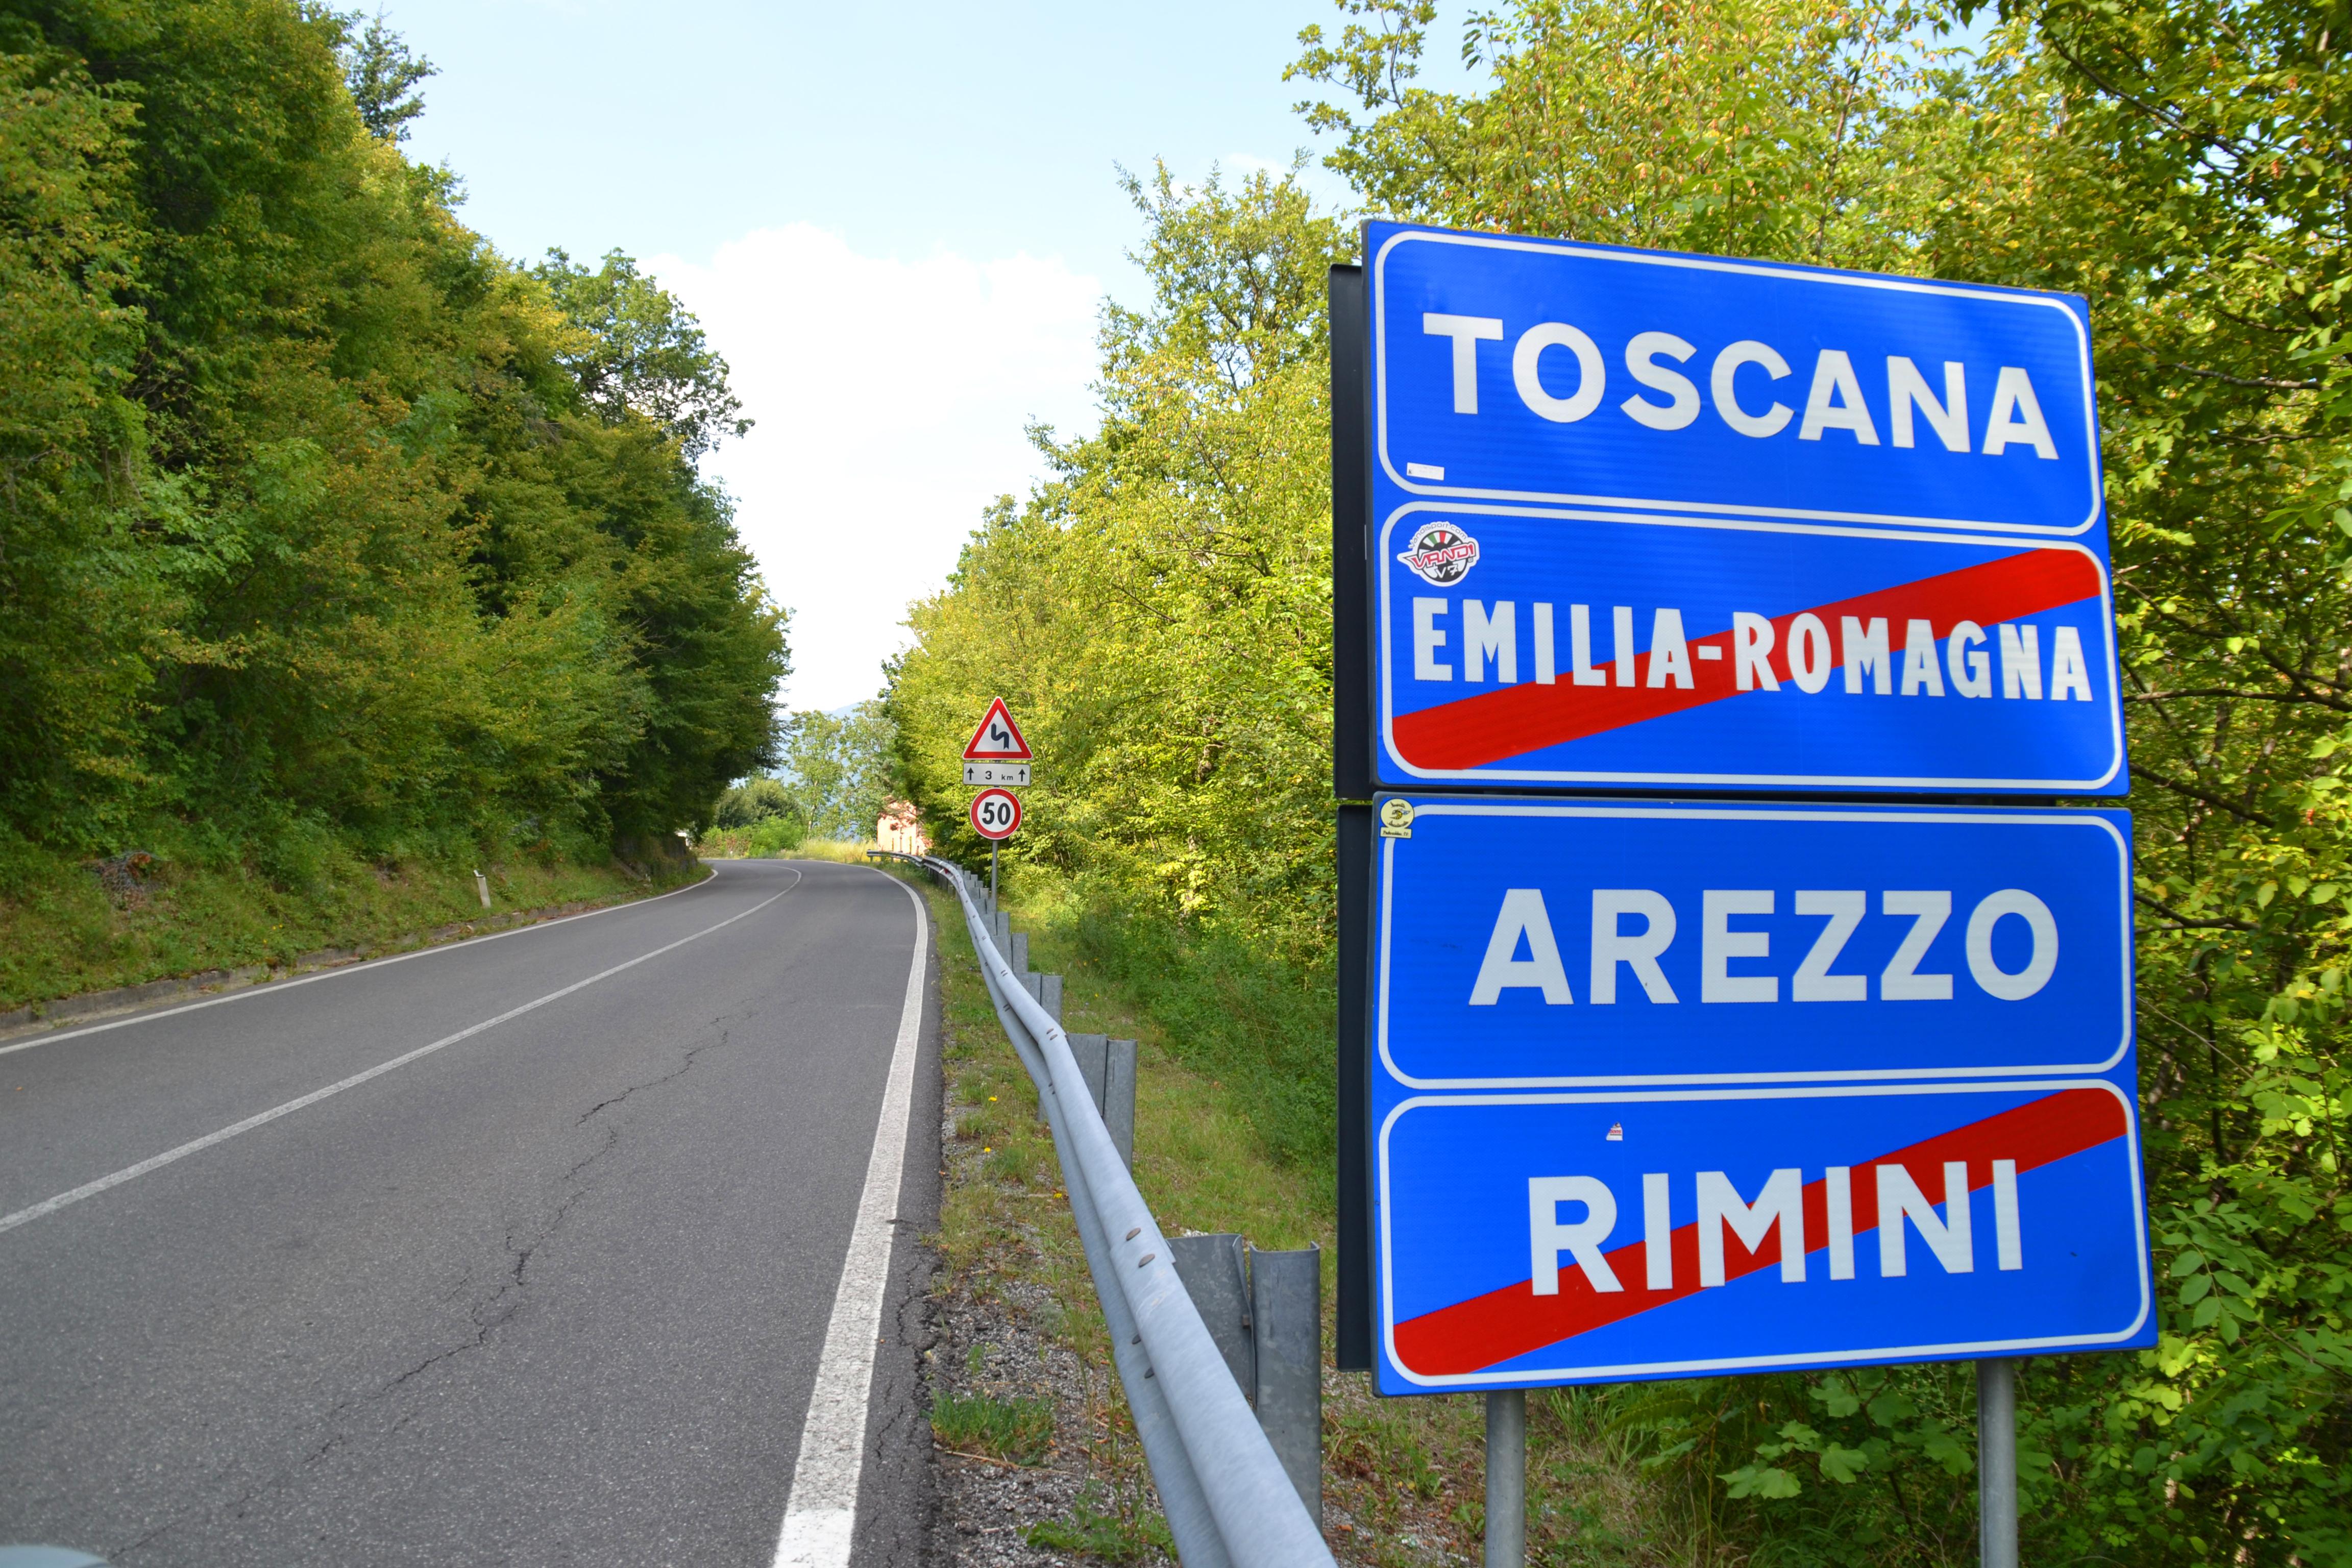 L'ingresso da nord alla exclave toscana di Ca' Raffaello (foto Daniele Dei)